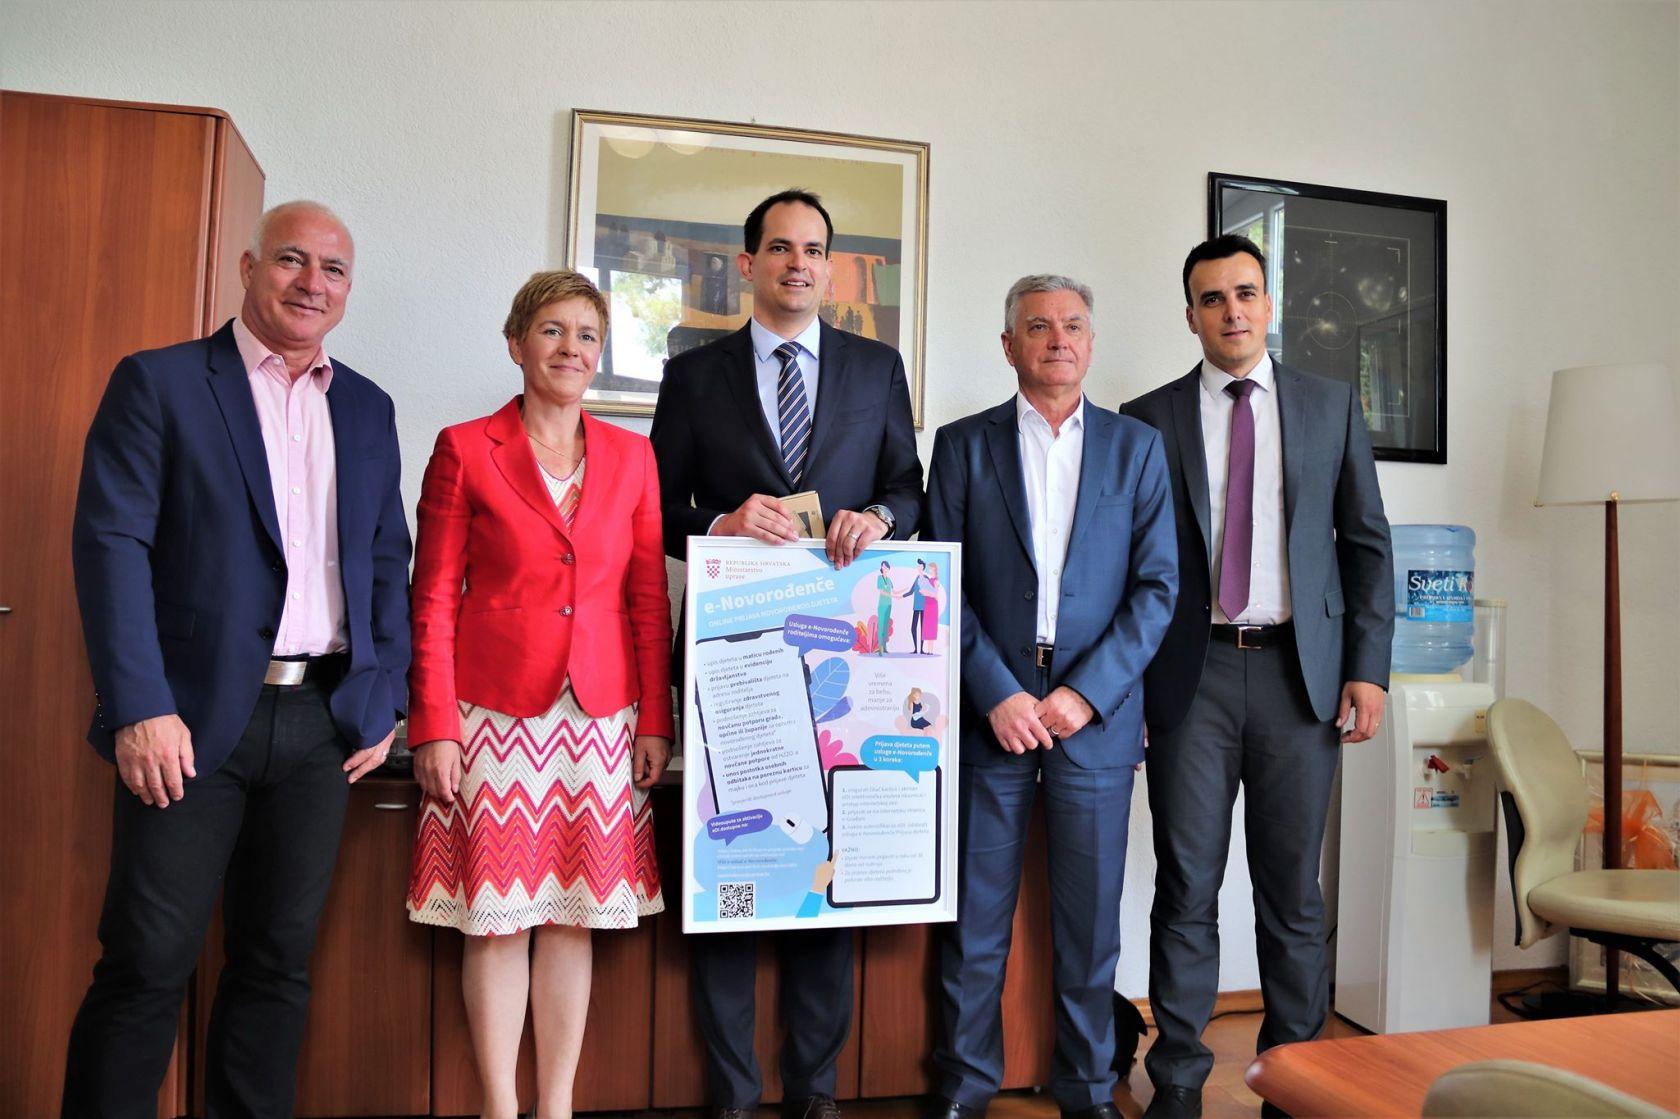 Ministar Malenica u Šibeniku predstavio uslugu e-Novorođenče i dodijelio čitače Općoj bolnici Šibenik